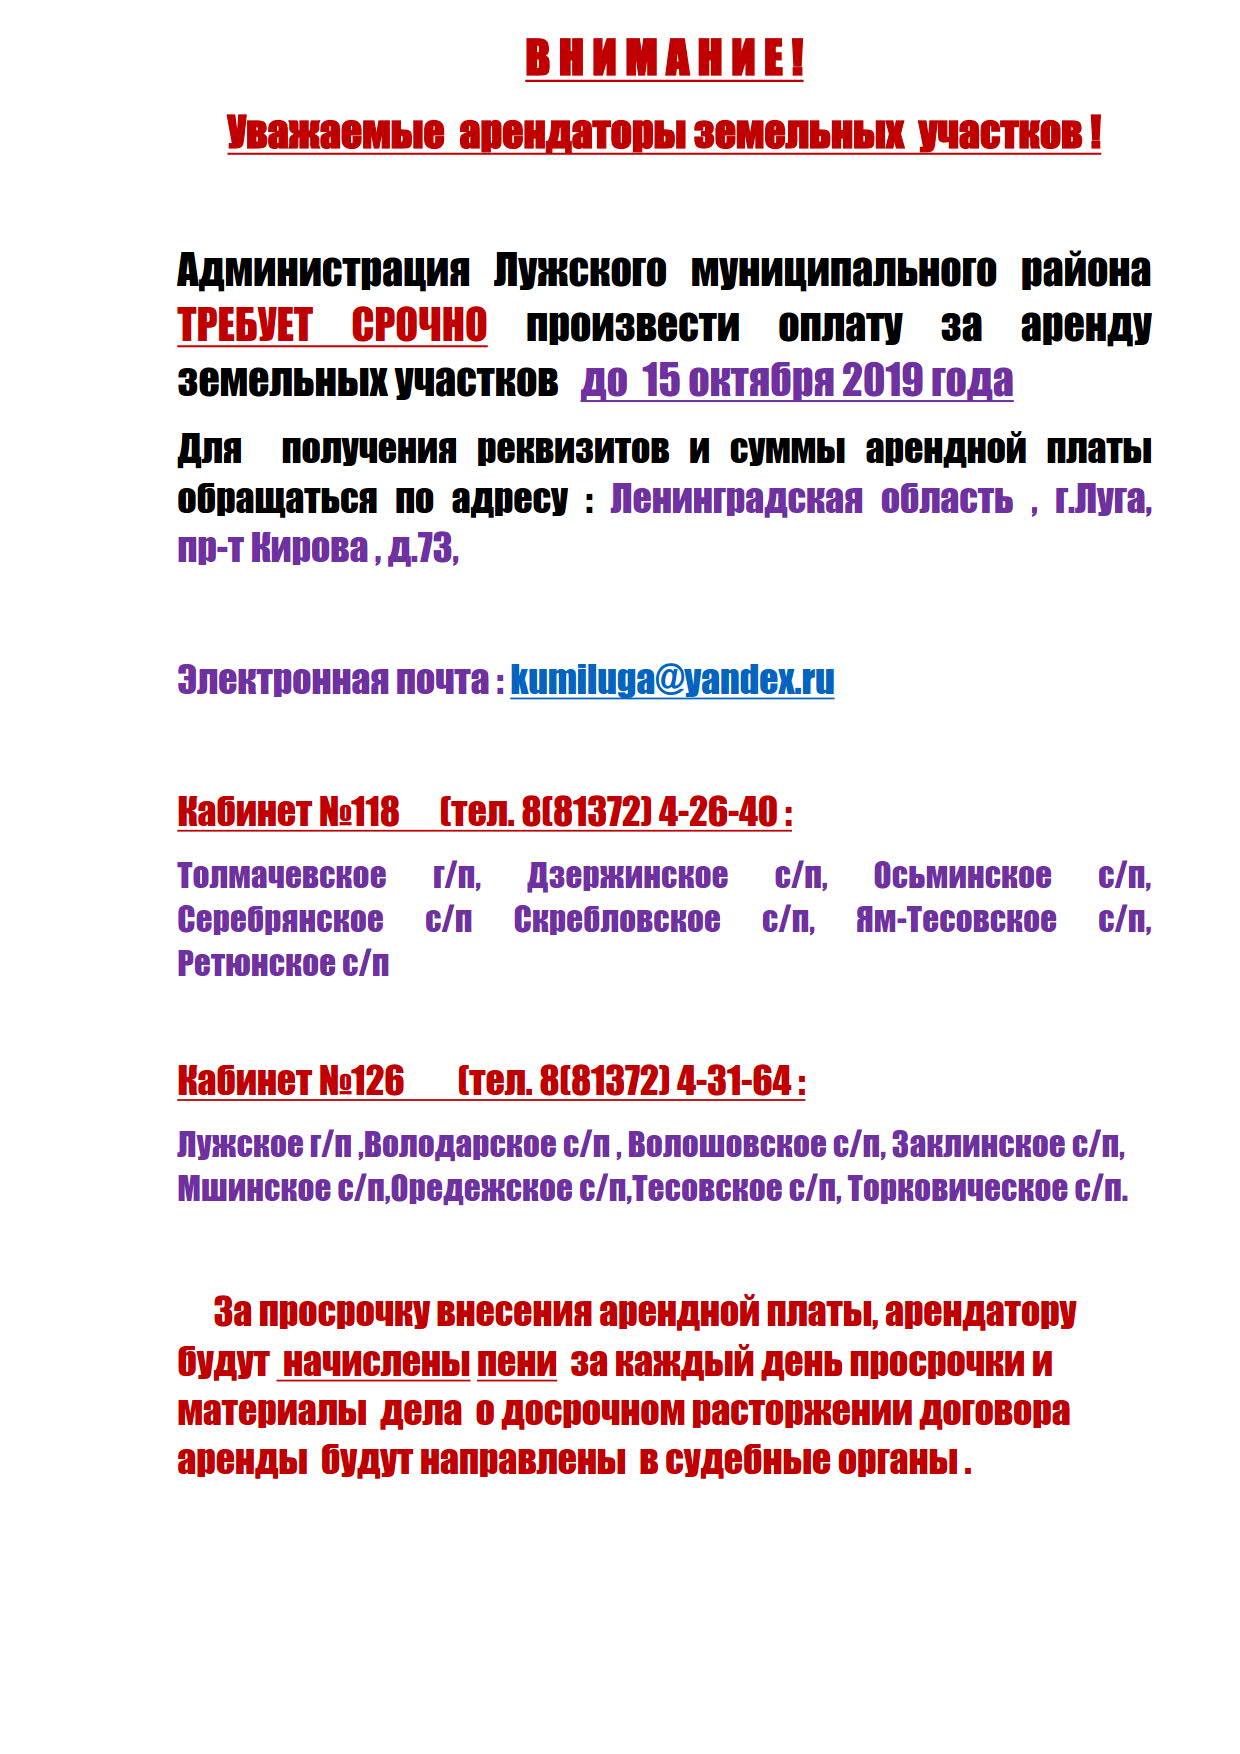 АРЕНДАТОРЫ_1